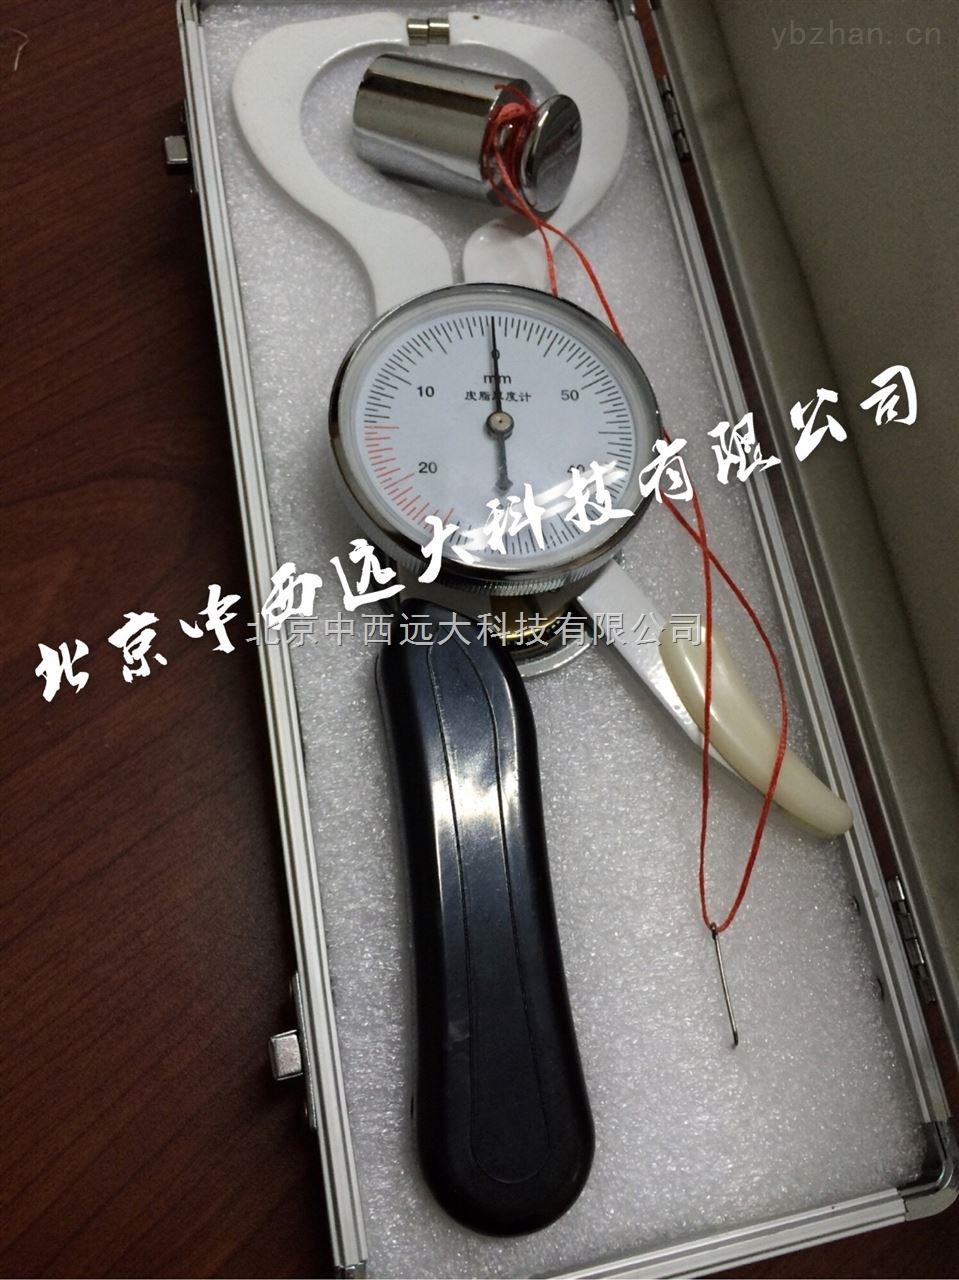 庫號:M380980-皮褶厚度計/皮脂厚度計(量程60mm)